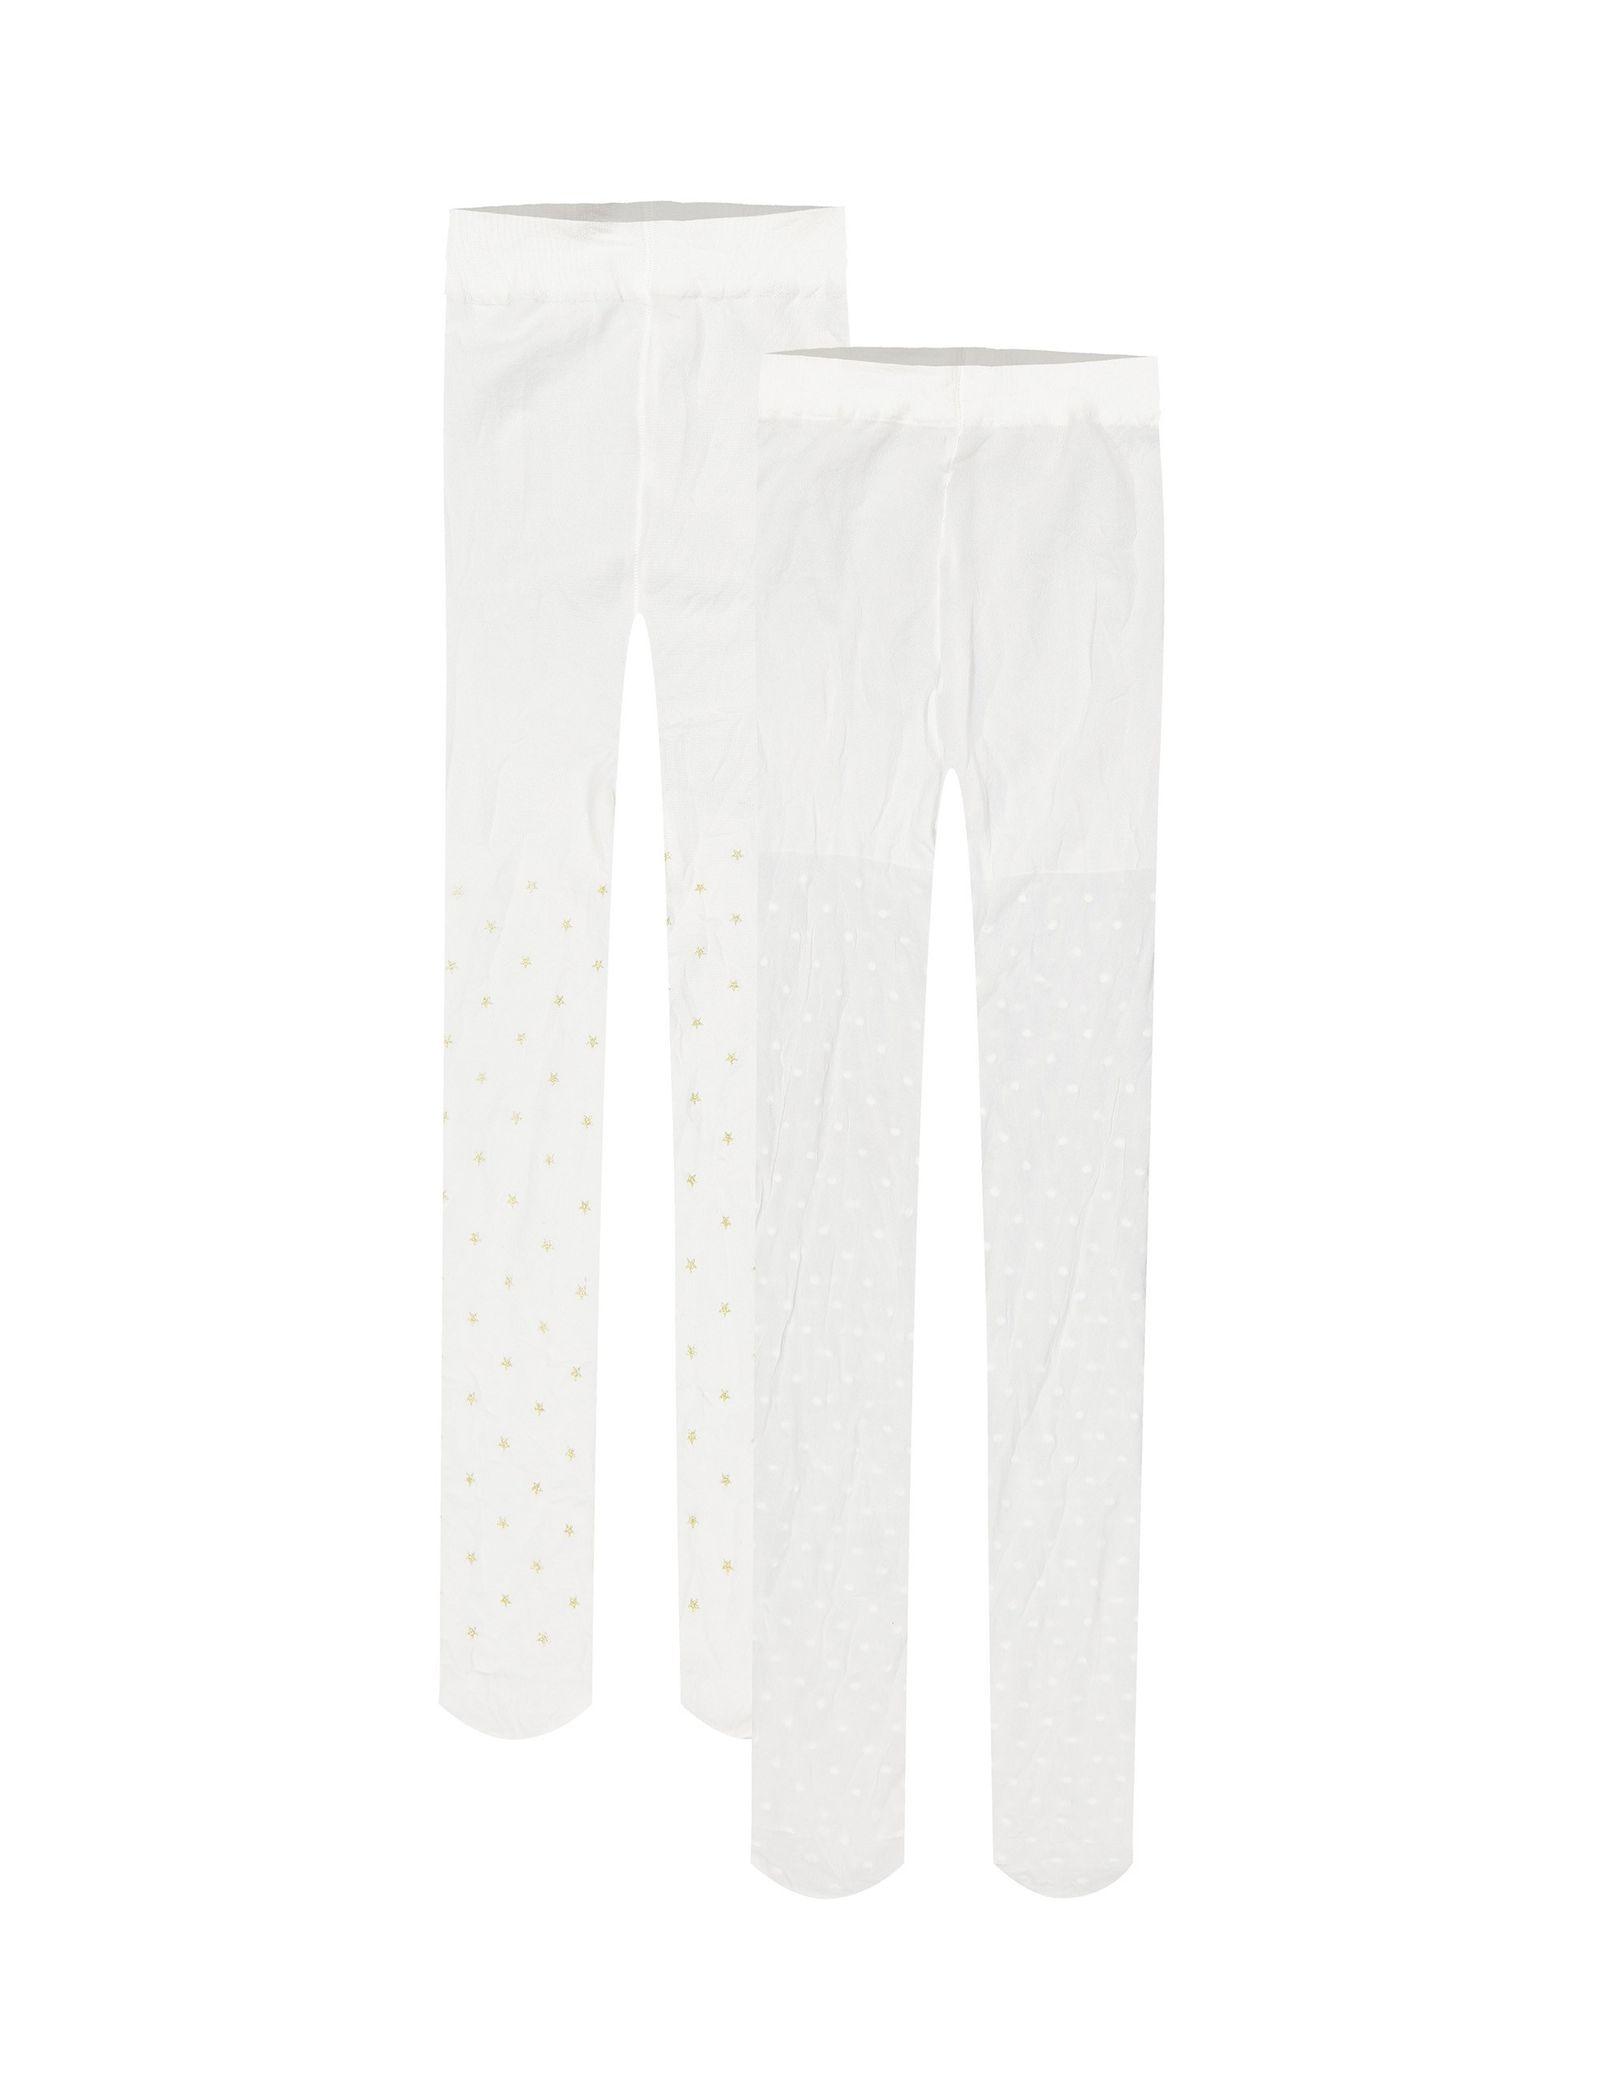 جوراب شلواری دخترانه بسته دو عددی - ارکسترا - سفيد - 1